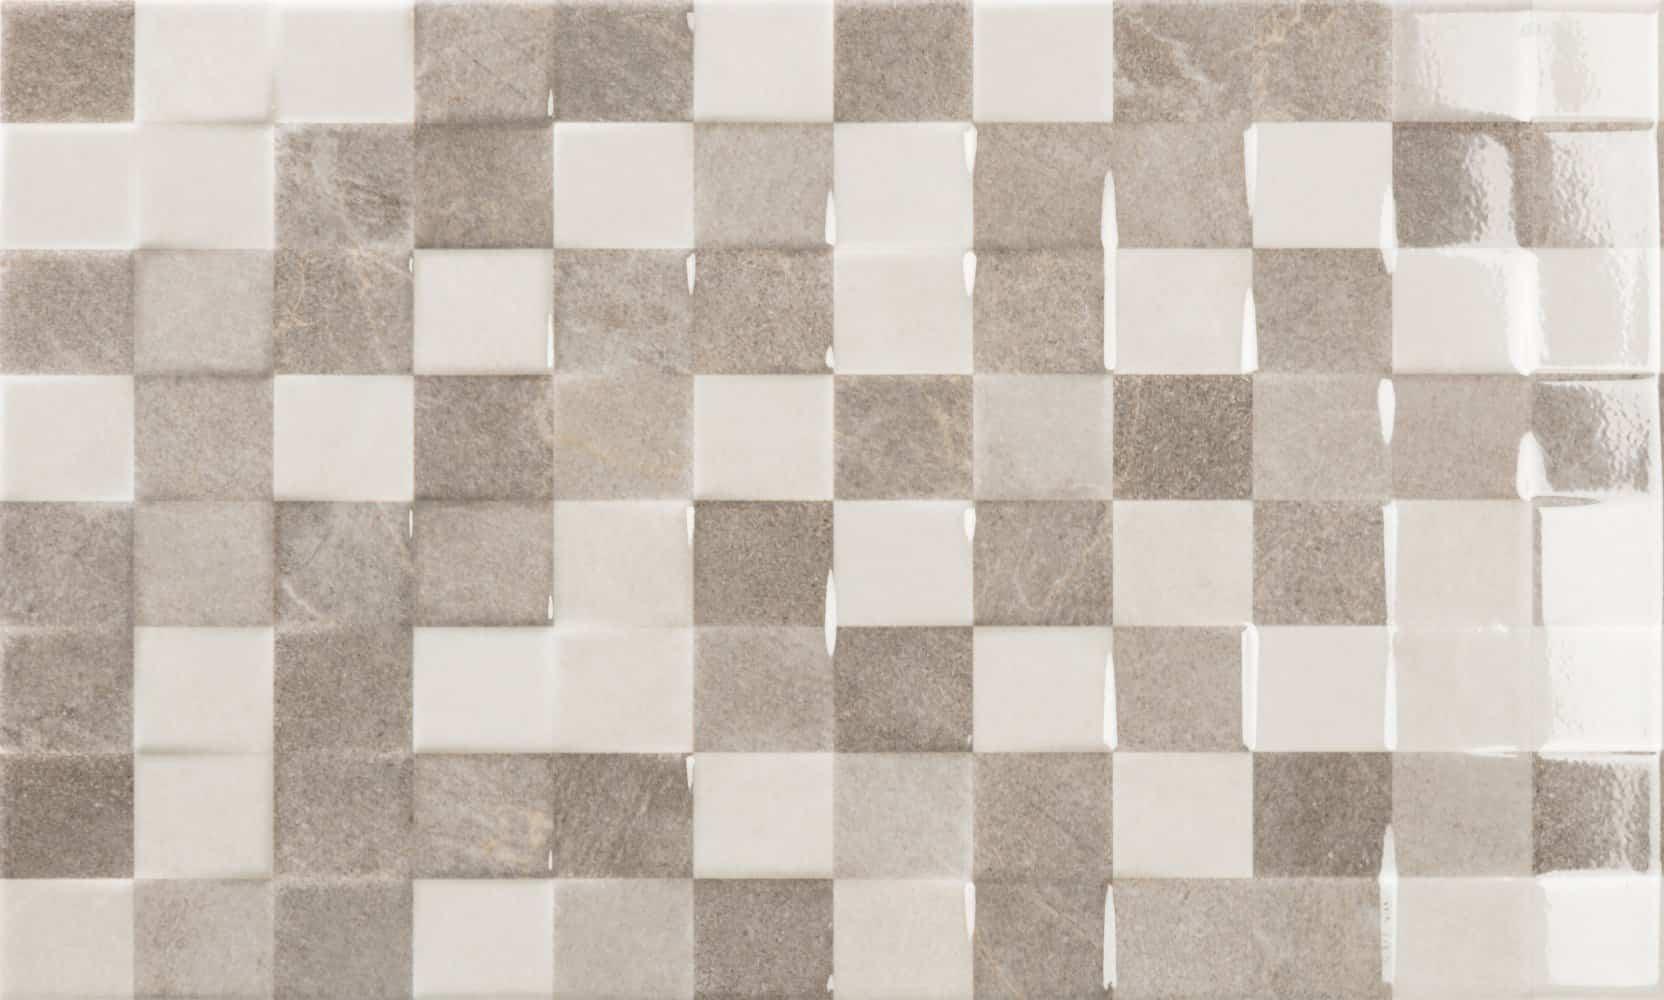 Faianță pentru baie Ecoceramic Origami Reliev Gris 333x550 lucioasă gri / 10